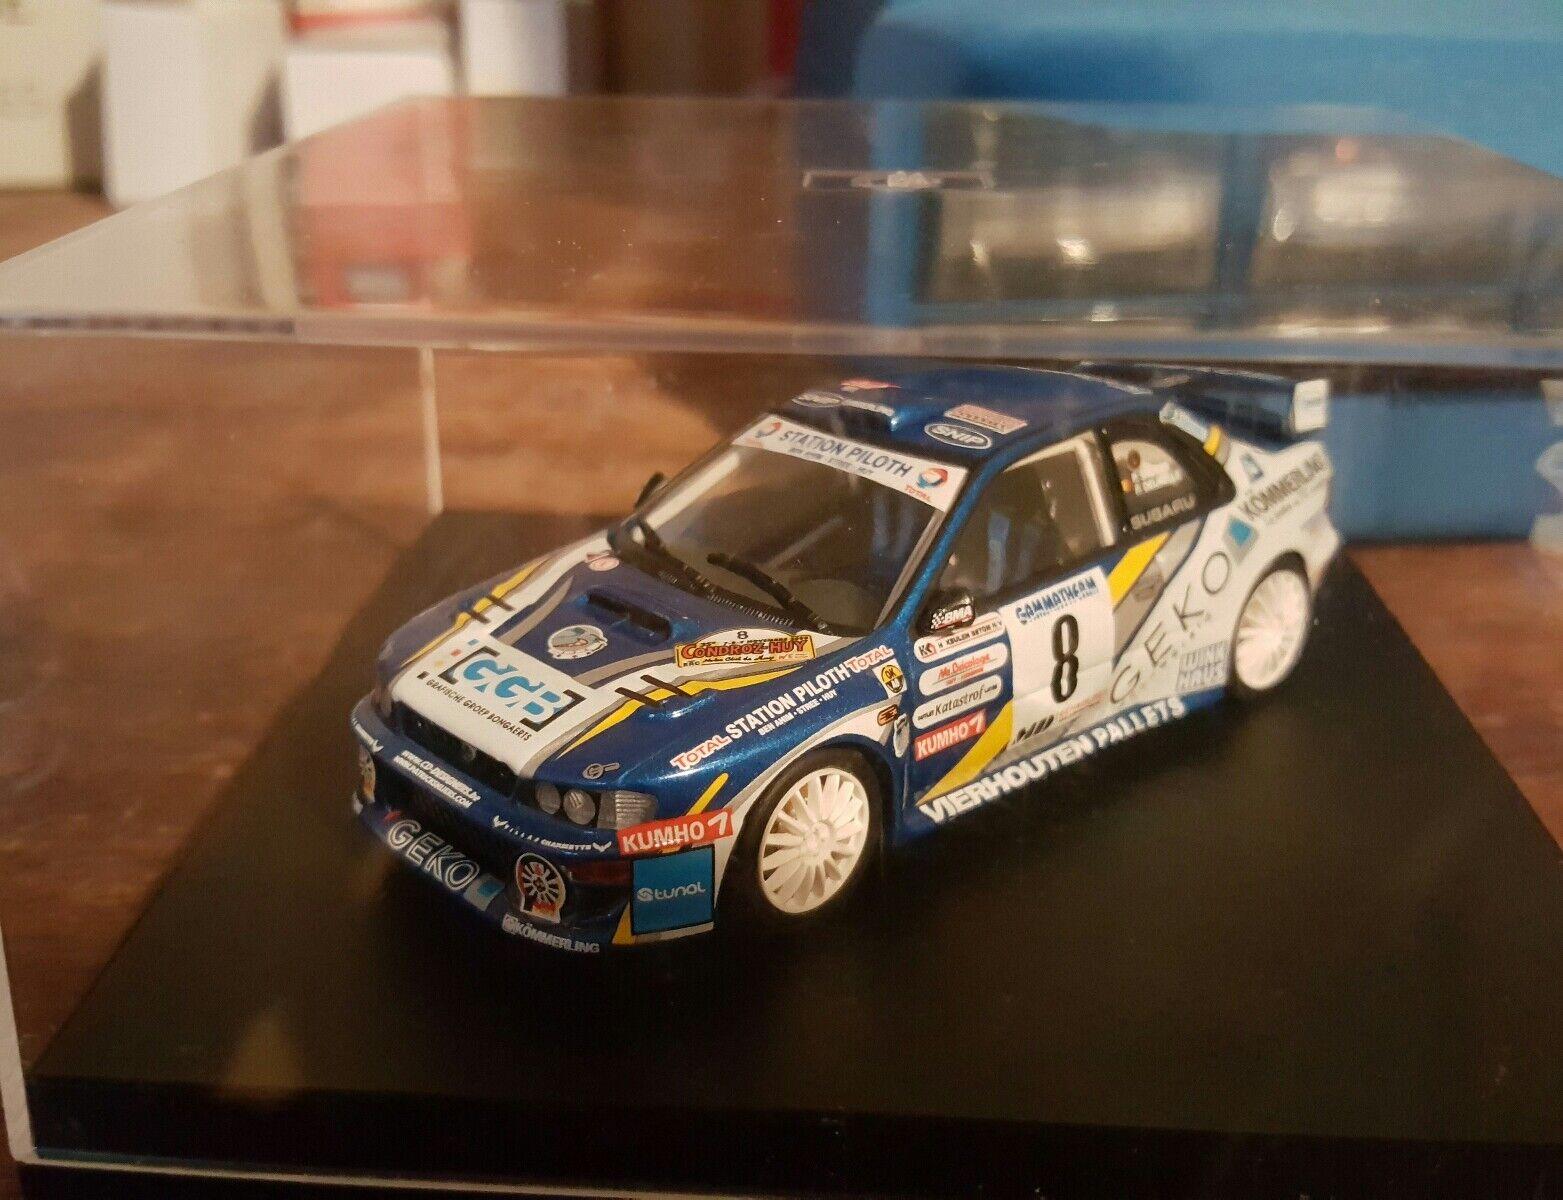 Trofeu Transkit 1 43 THOM 05 Subaru Subaru Subaru impreza WRC 3268b3